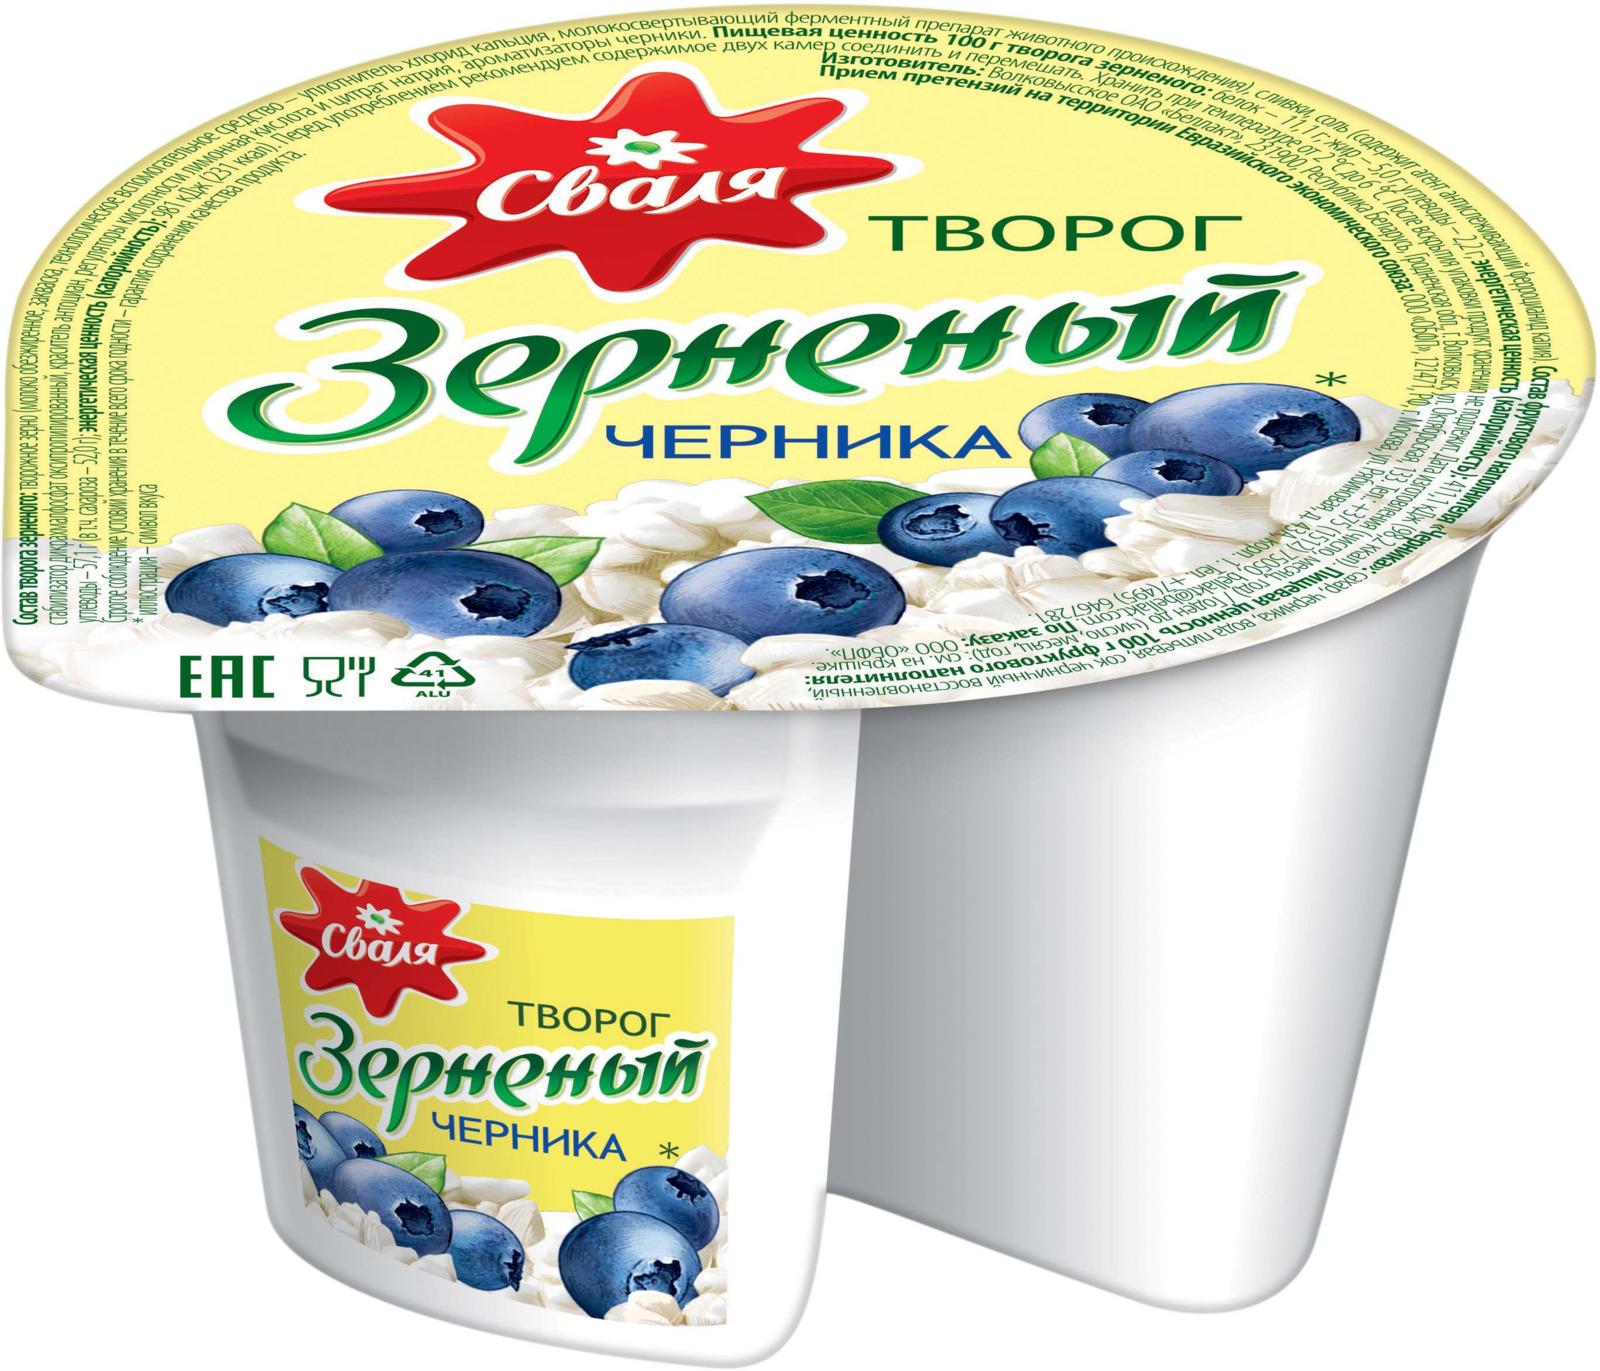 Фото - Творог Сваля Черника, зерненый, с фруктовым наполнителем, 5%, 130 г молочные продукты